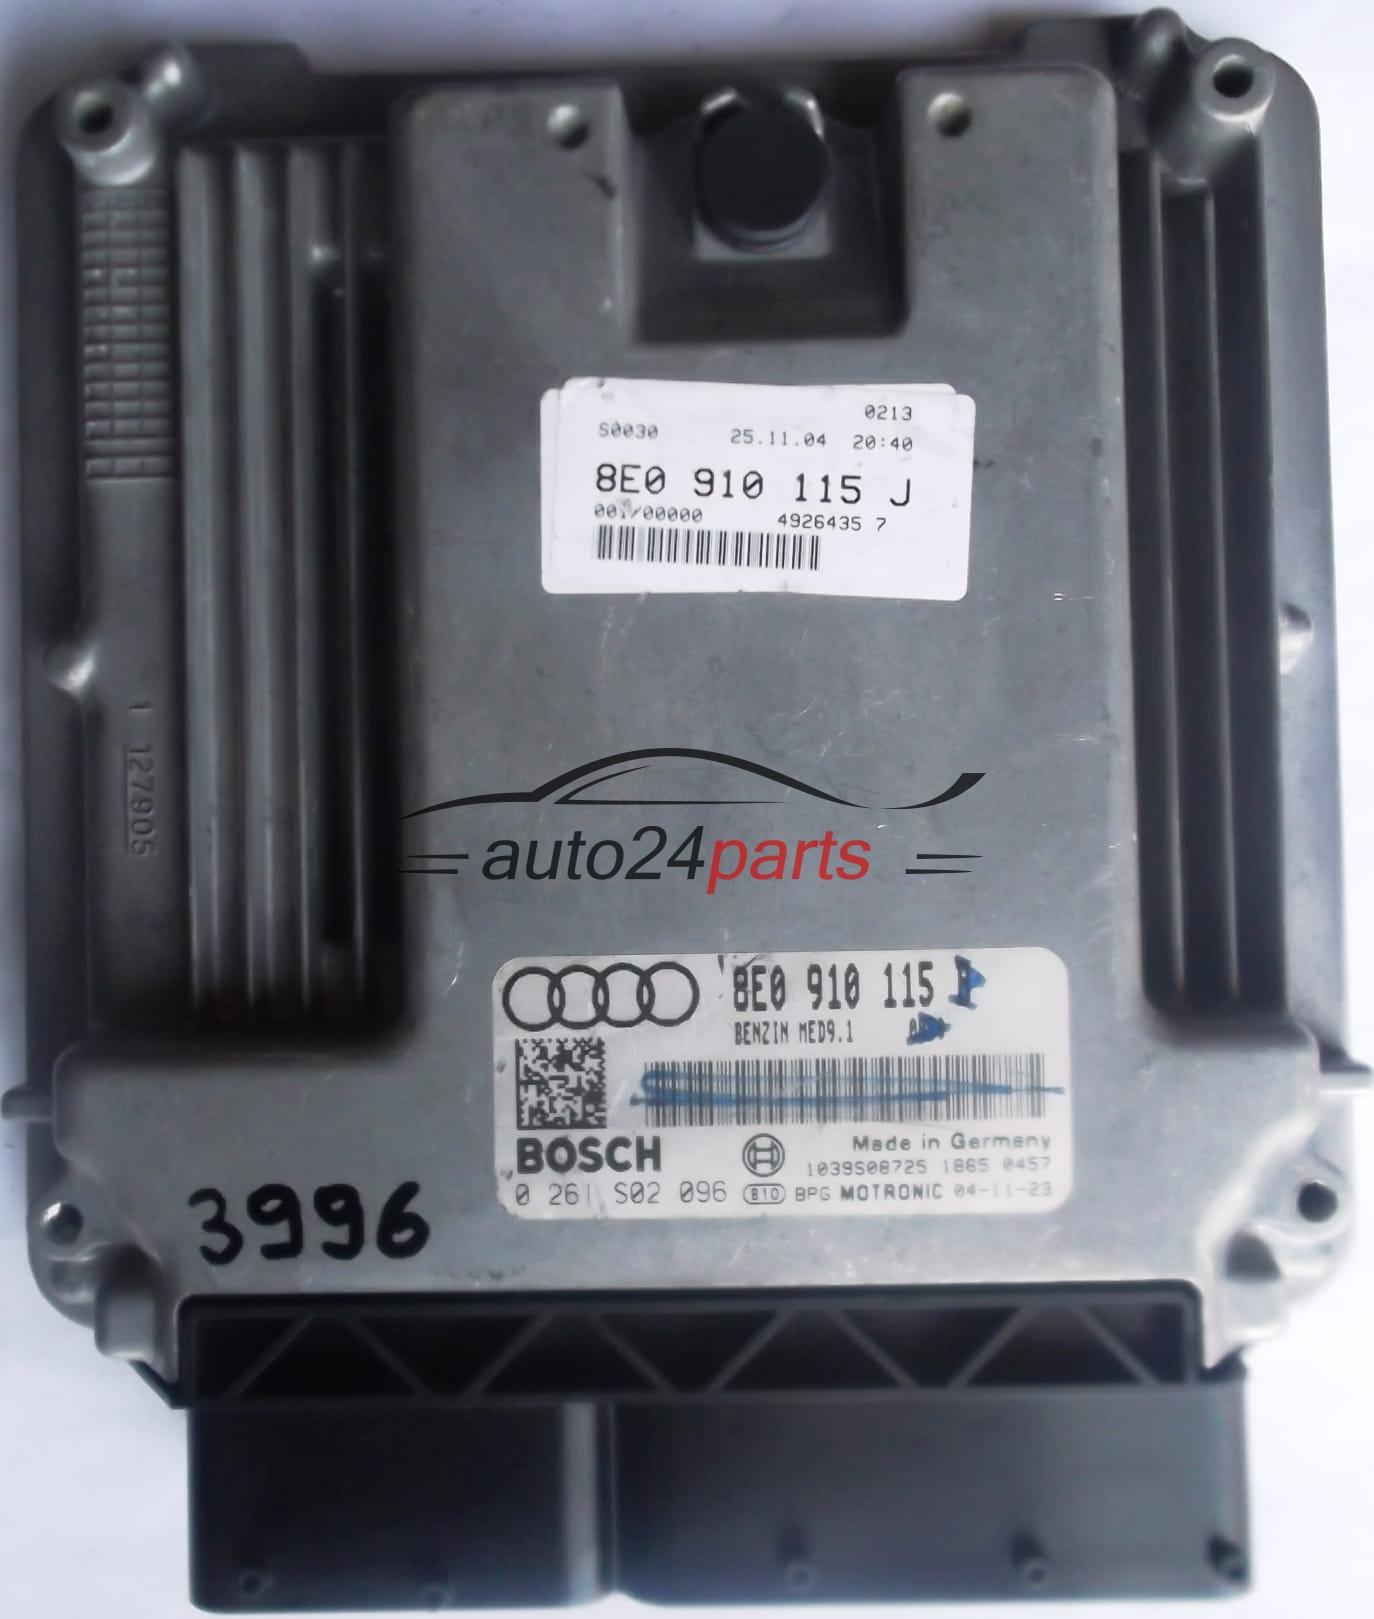 ECU ENGINE CONTROLLER AUDI A4 2.0 TFSI 8E0910115B, 8E0 910